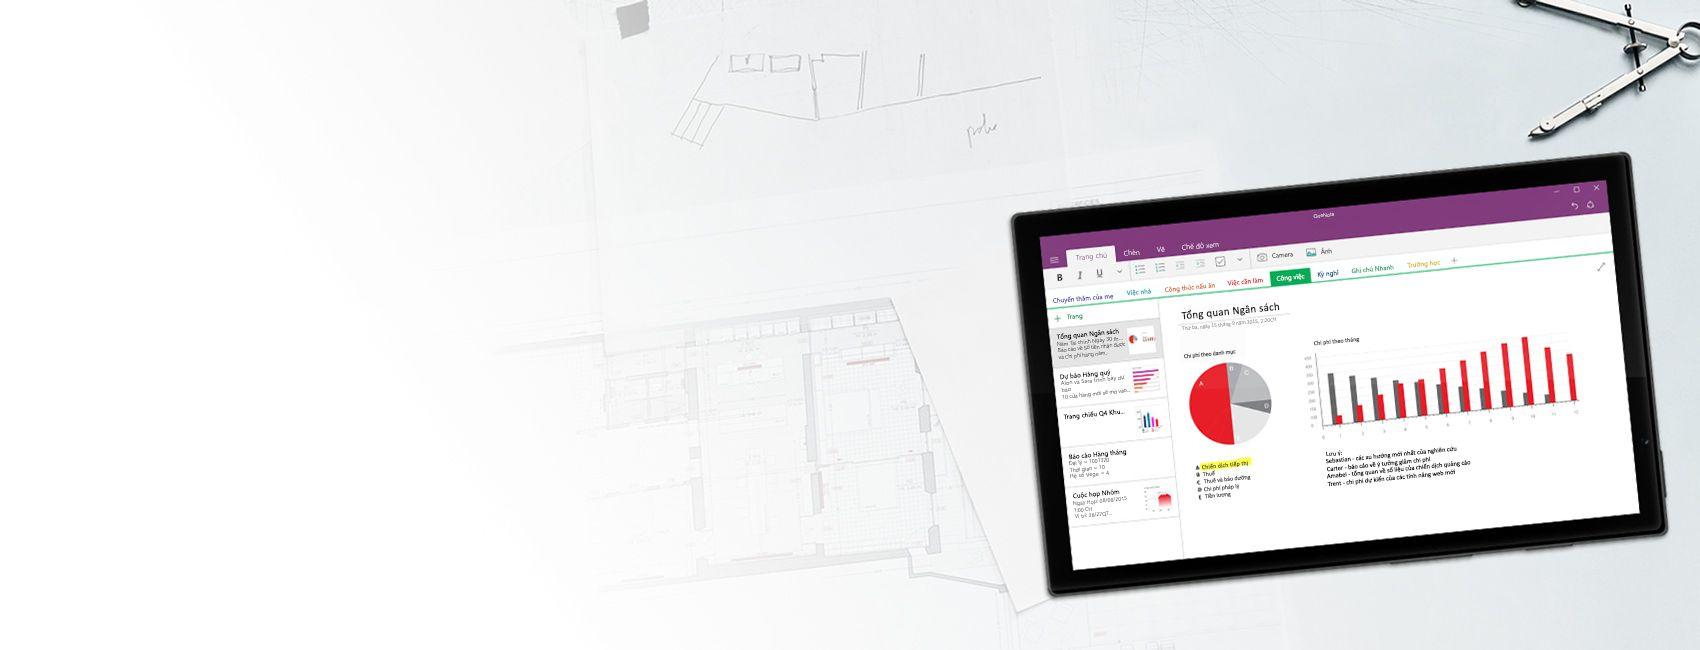 Máy tính bảng chạy Windows hiển thị sổ tay OneNote với các biểu đồ và đồ thị tổng quan về ngân sách